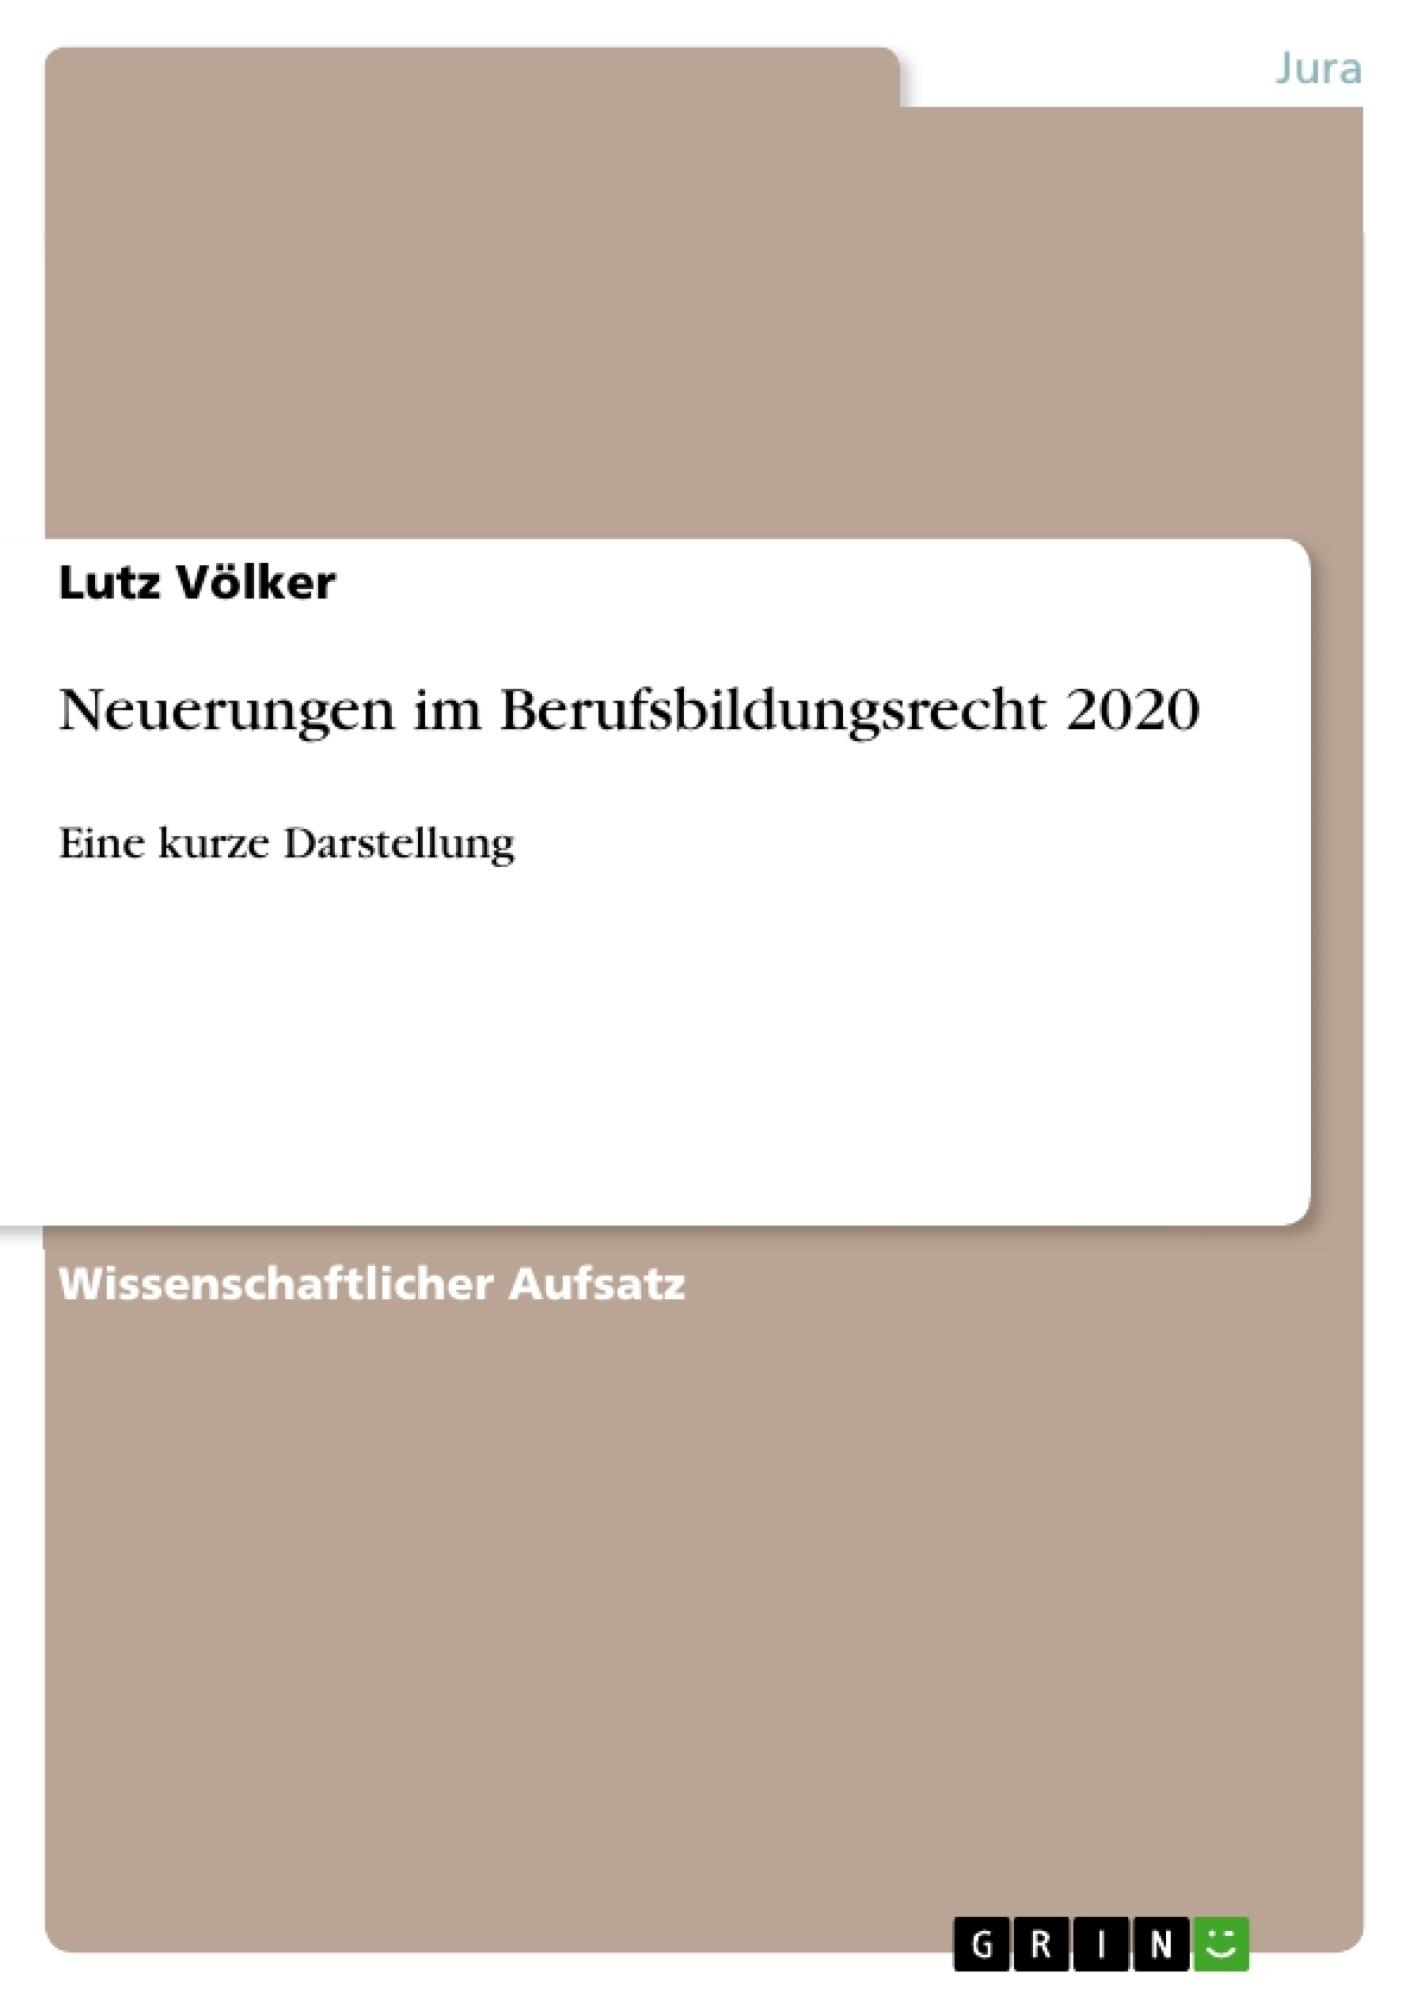 Titel: Neuerungen im Berufsbildungsrecht 2020